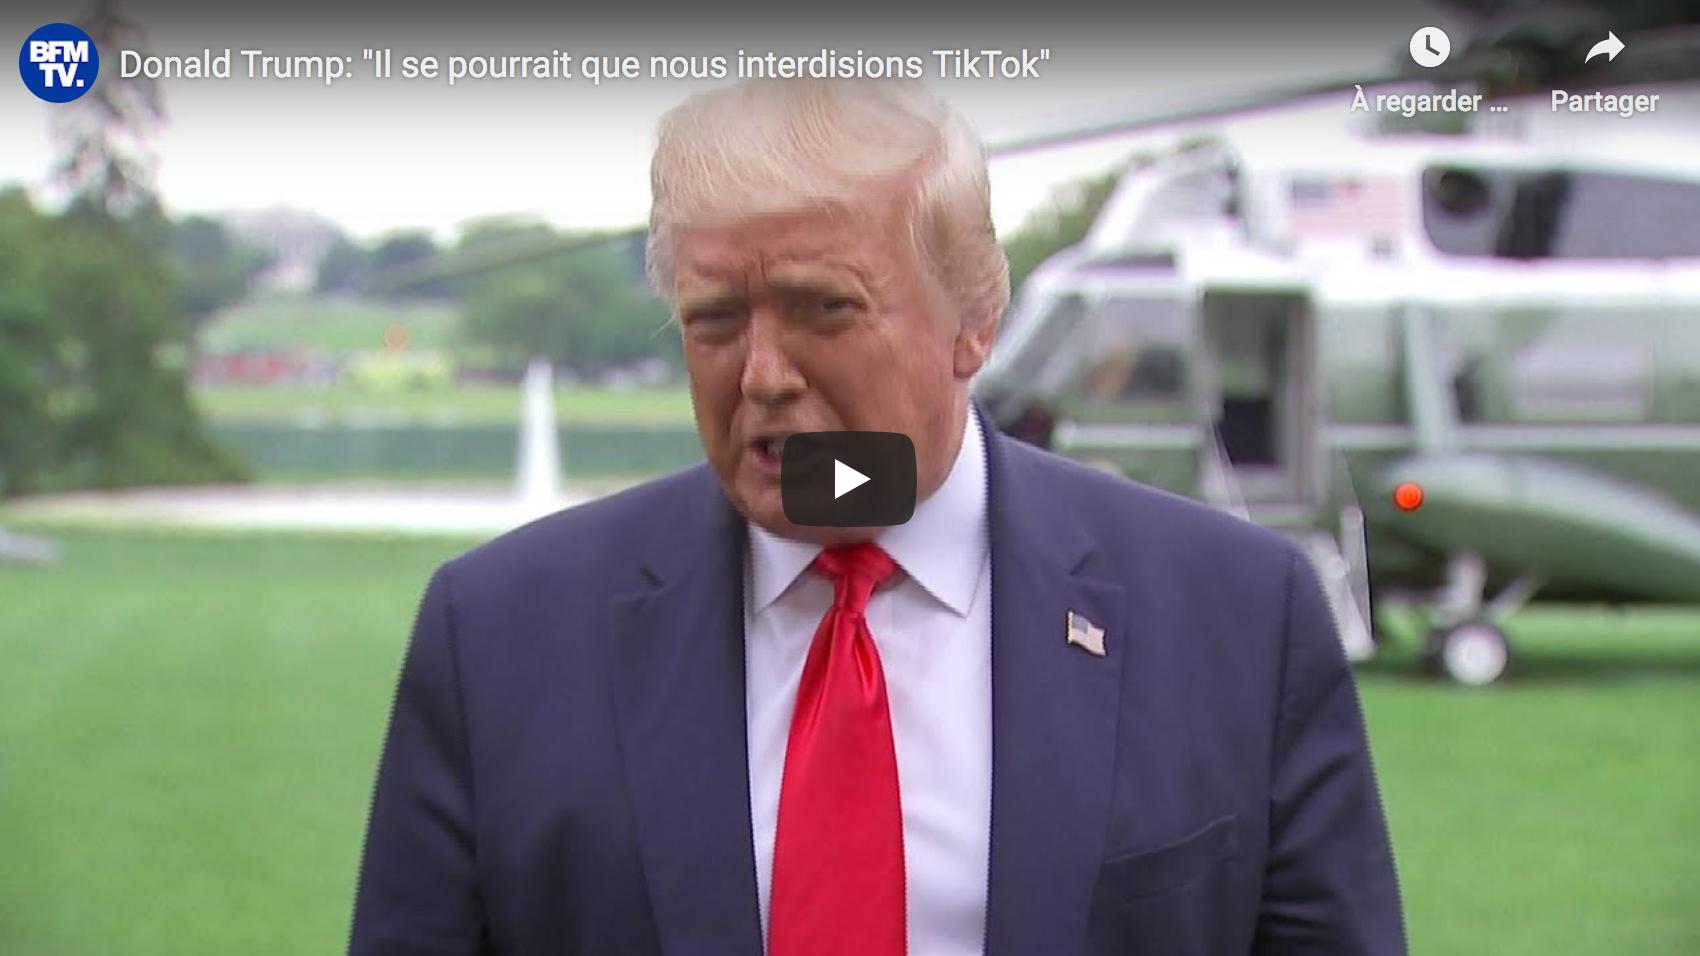 """Donald Trump : """"Il se pourrait que nous interdisions TikTok"""" (VIDÉO)"""